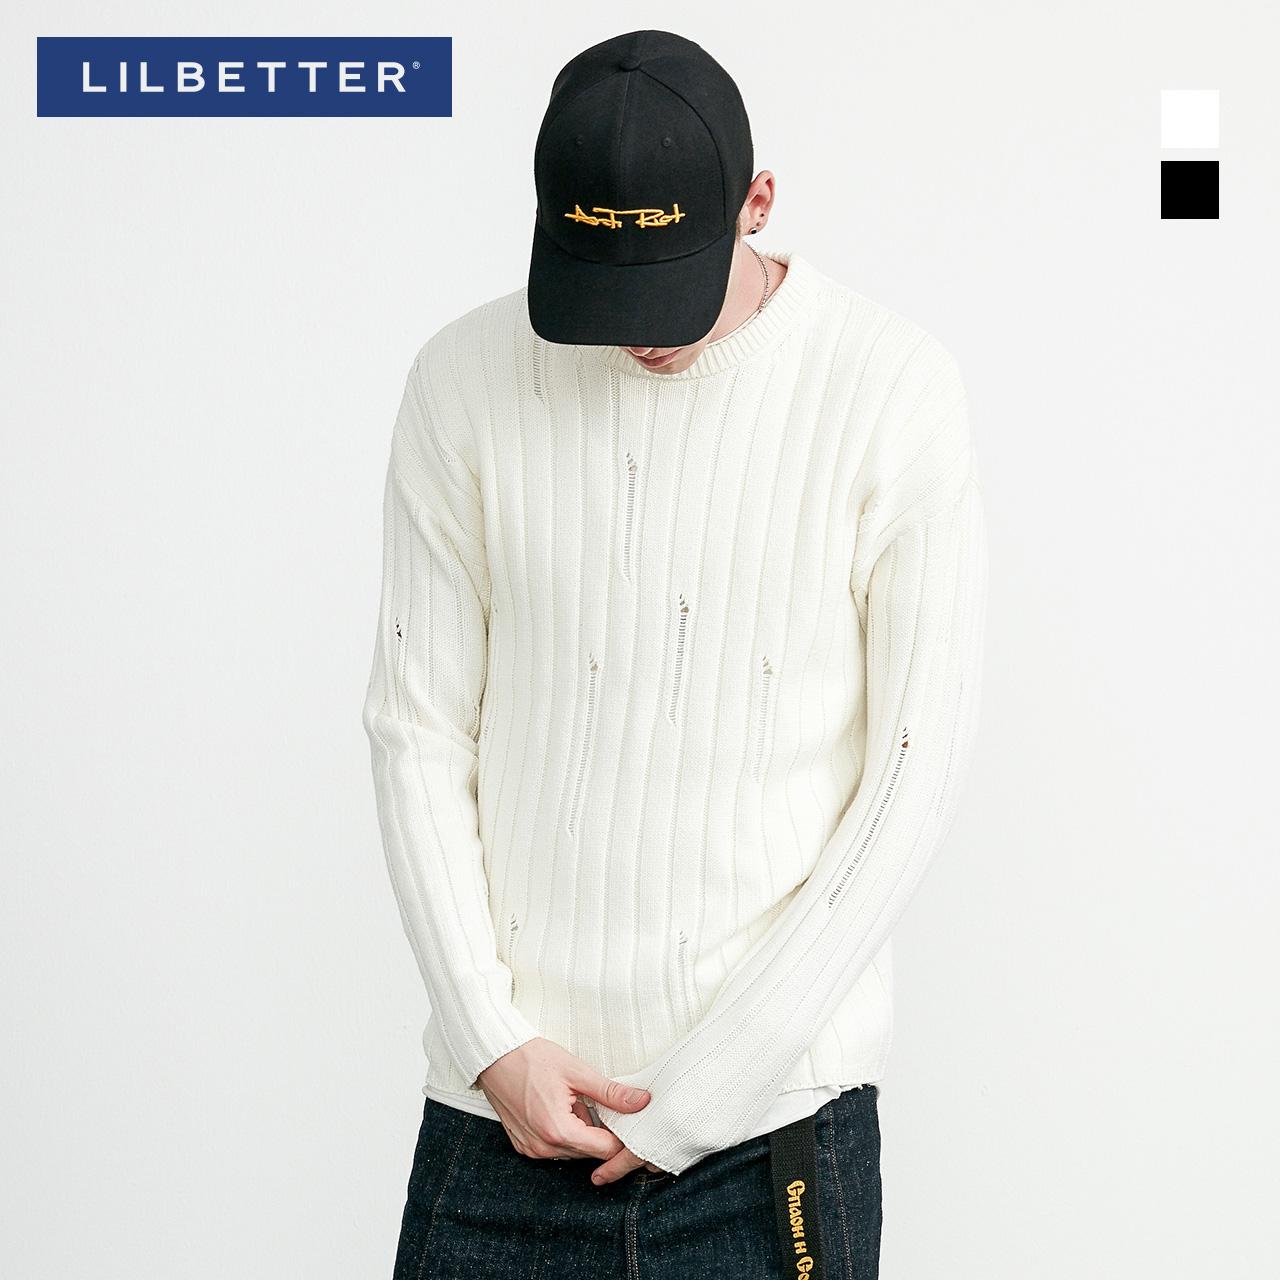 Lilbetter圓領毛衣男 純色修身套頭線衣簡約小清新潮流男士針織衫